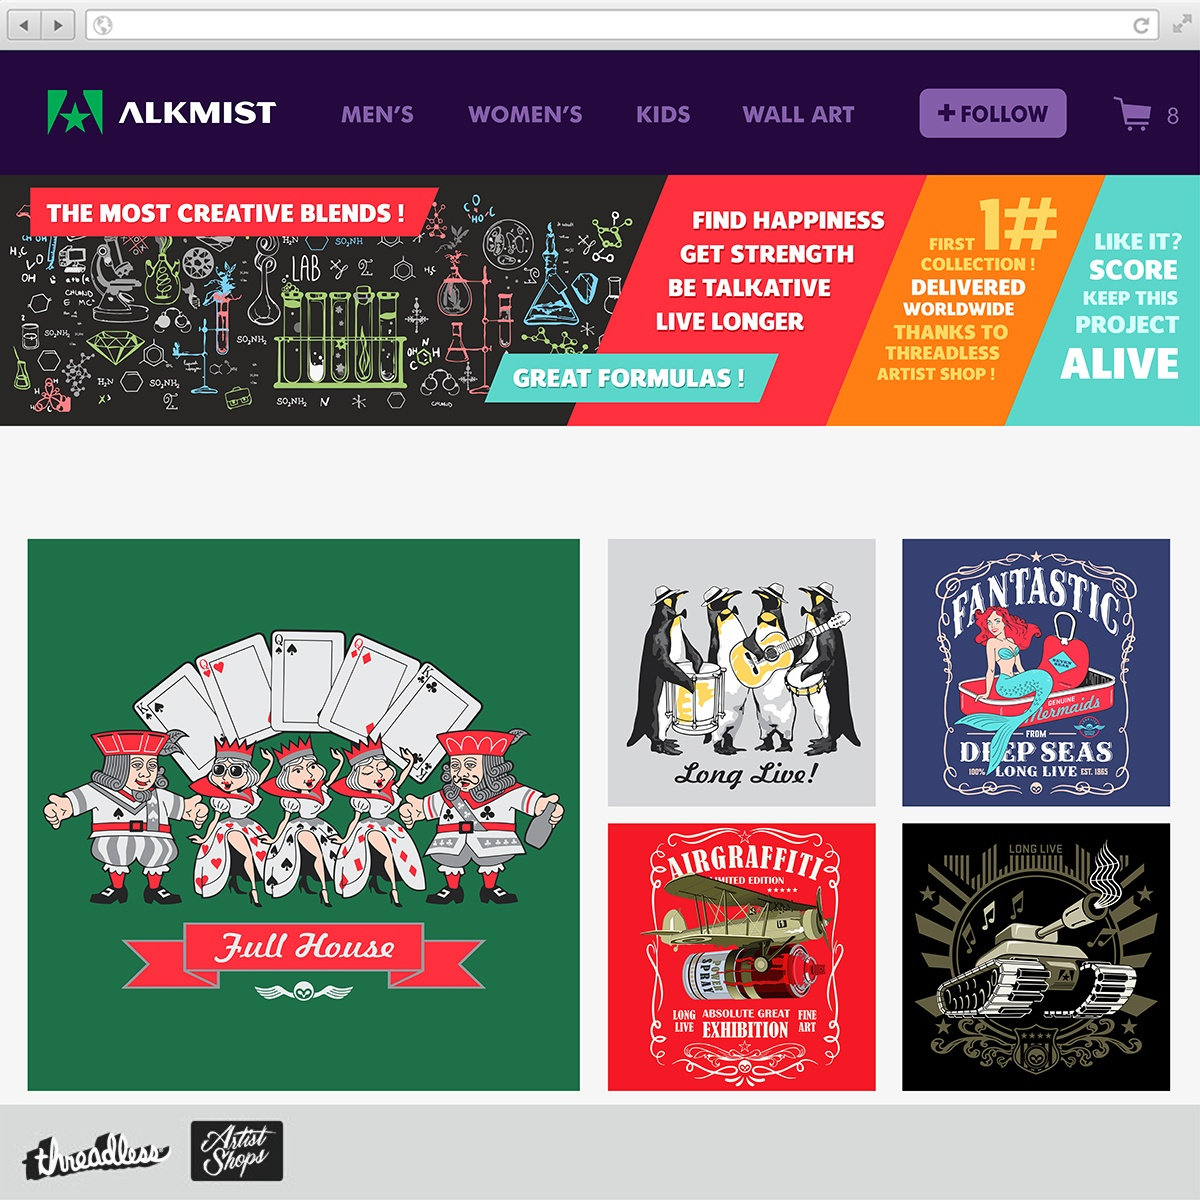 ALKMIST ARTIST SHOP, a cool t-shirt design